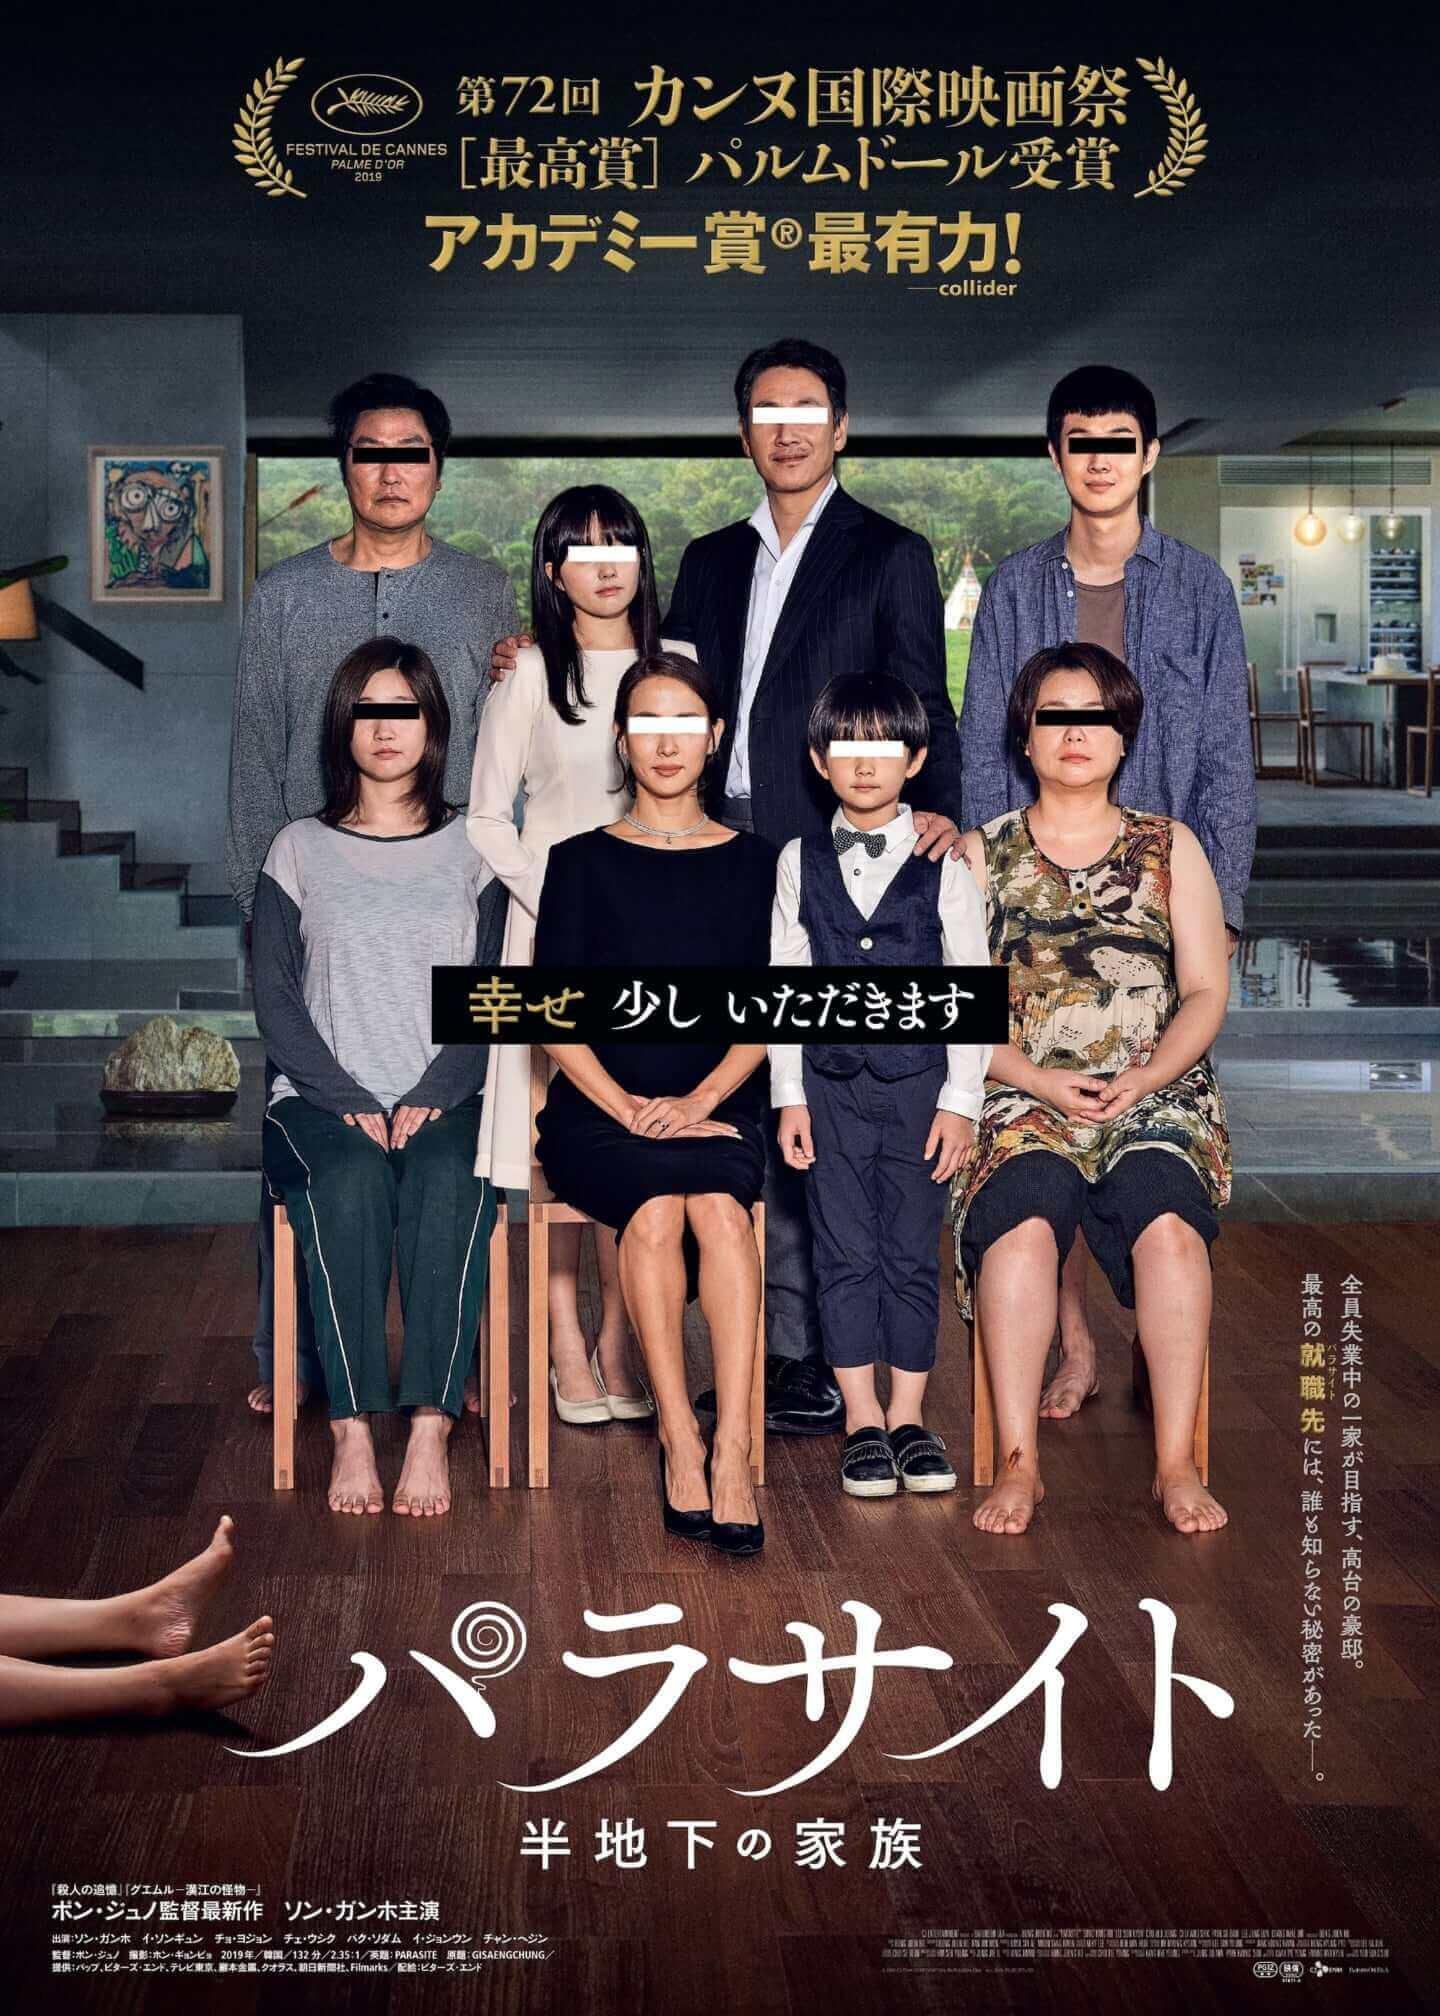 世界が注目する韓国映画『パラサイト』先行上映決定!映画館でしか見られない激レアメッセージ映像を同時上映 film191206_parasite_01-1440x2016